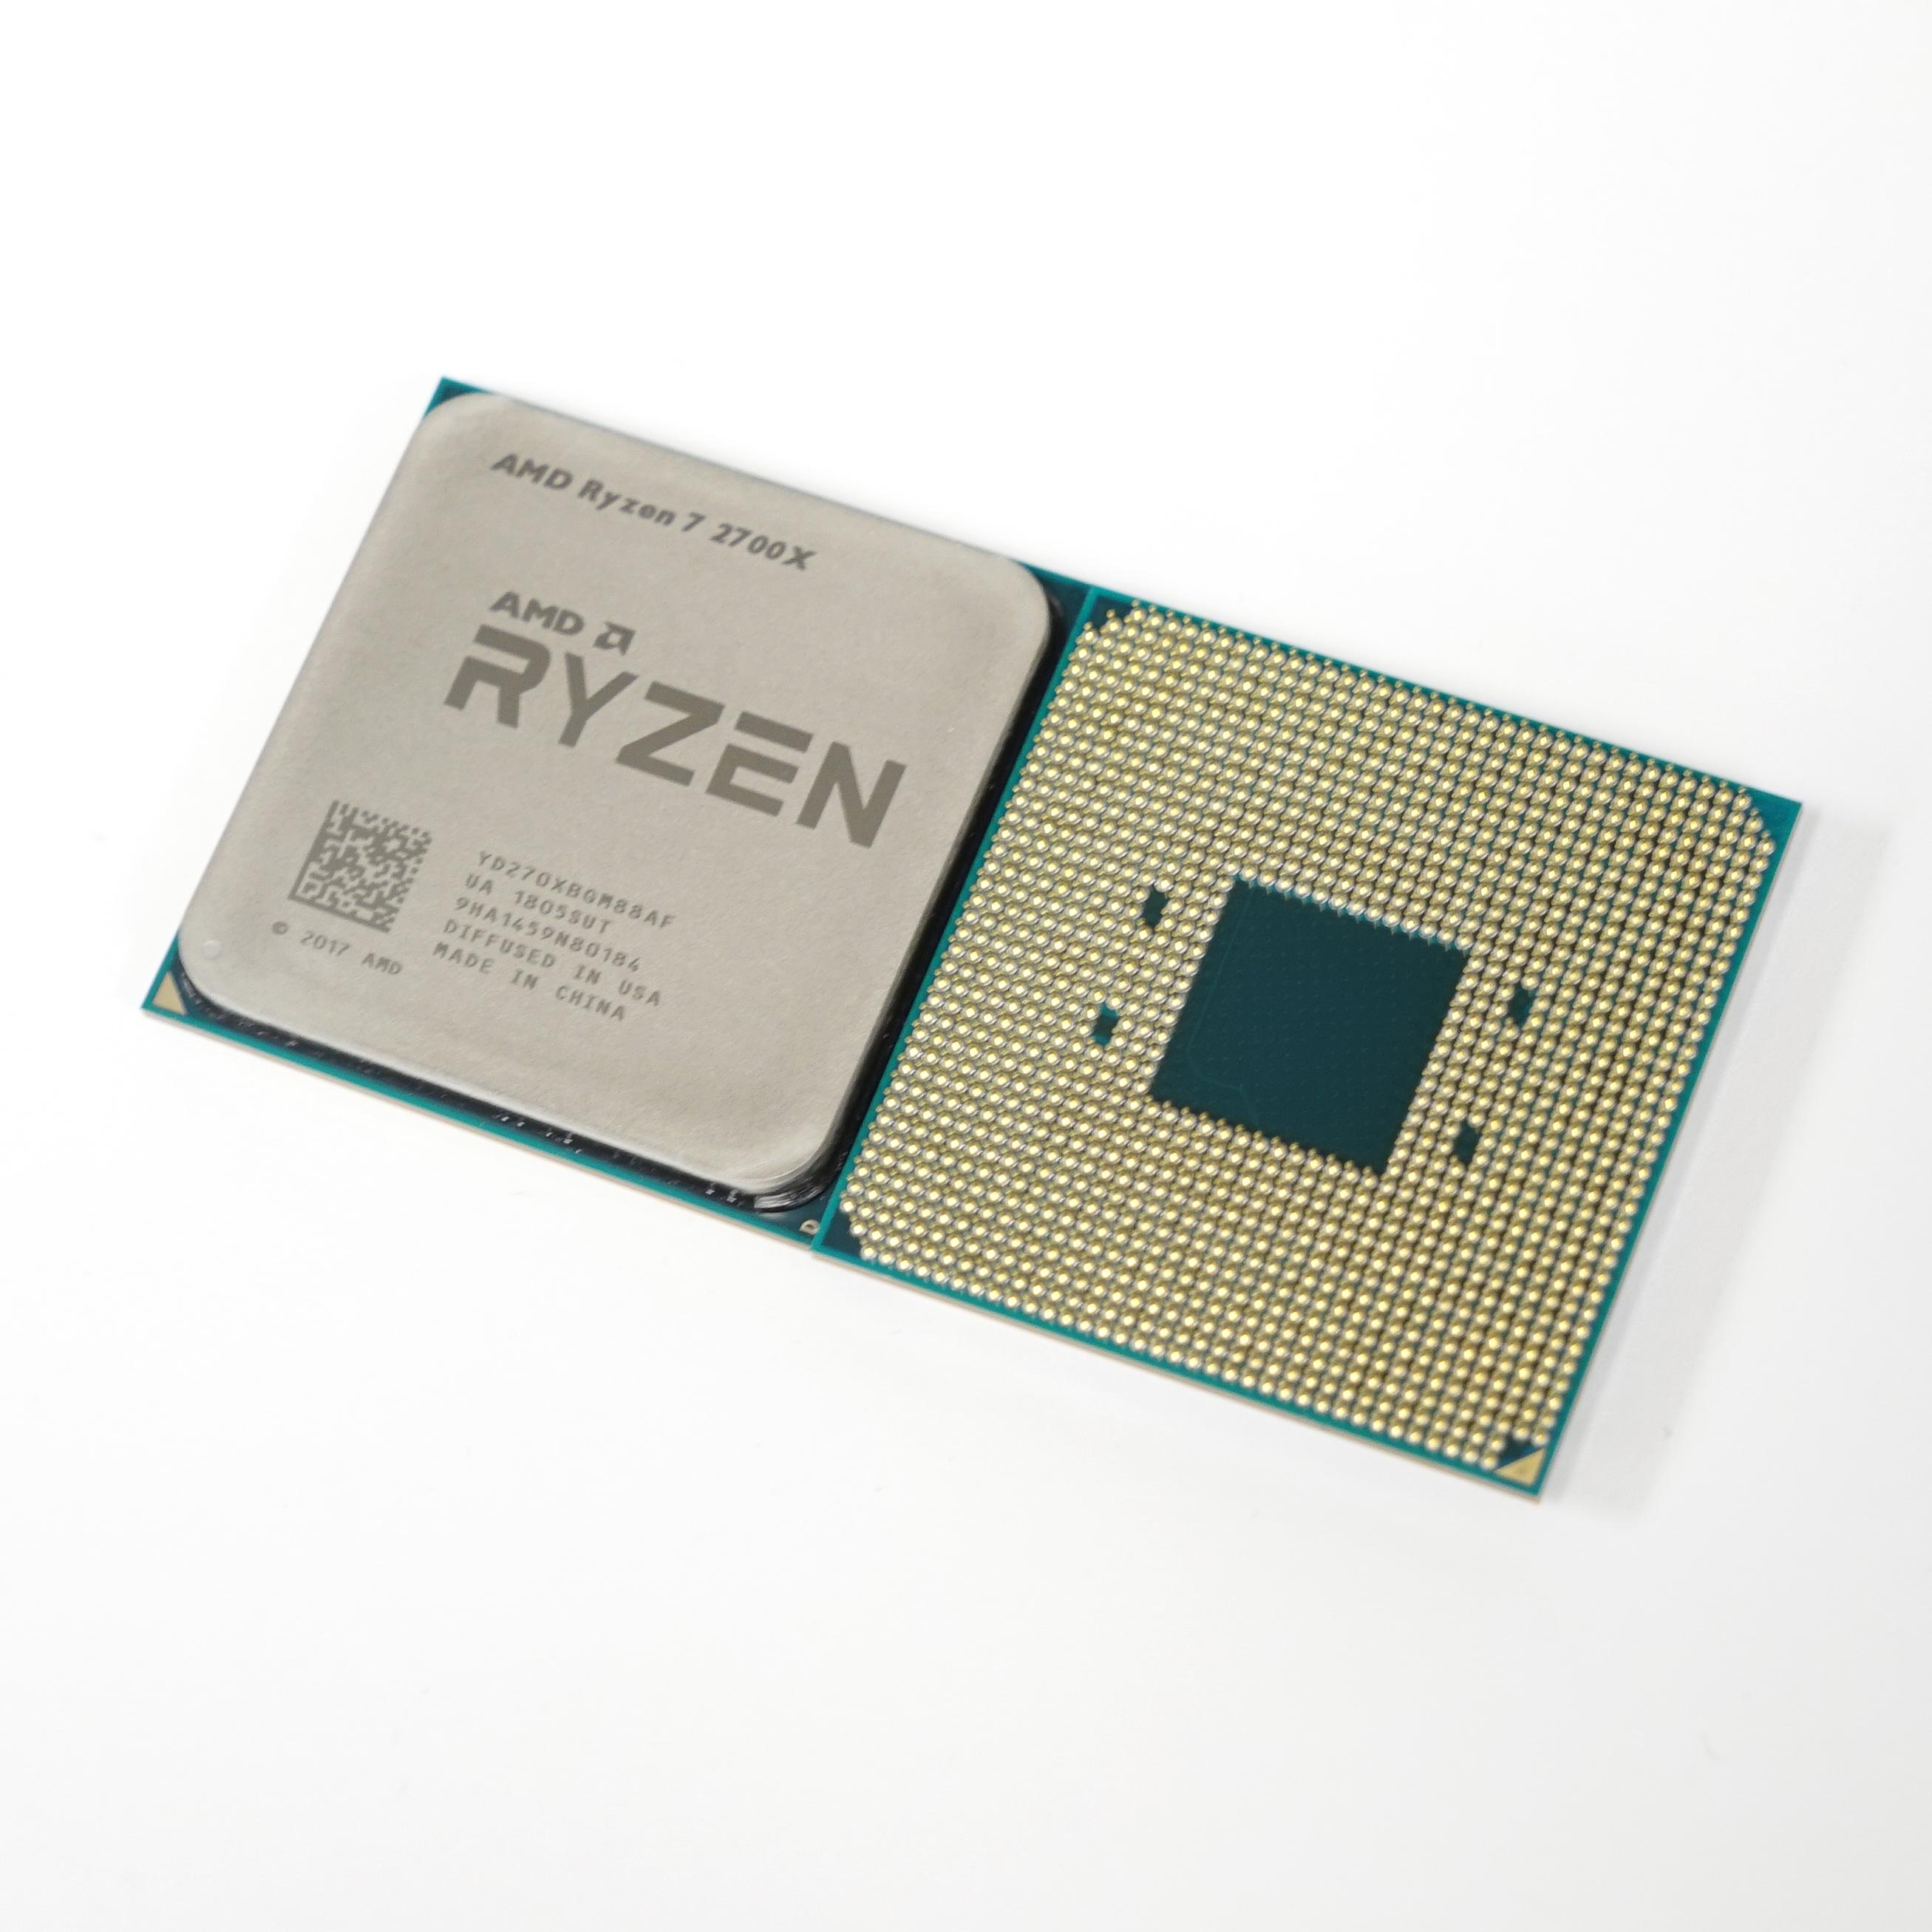 The Ryzen 7 2700X and Ryzen 5 2600X Review: Zen Matures - PC Perspective